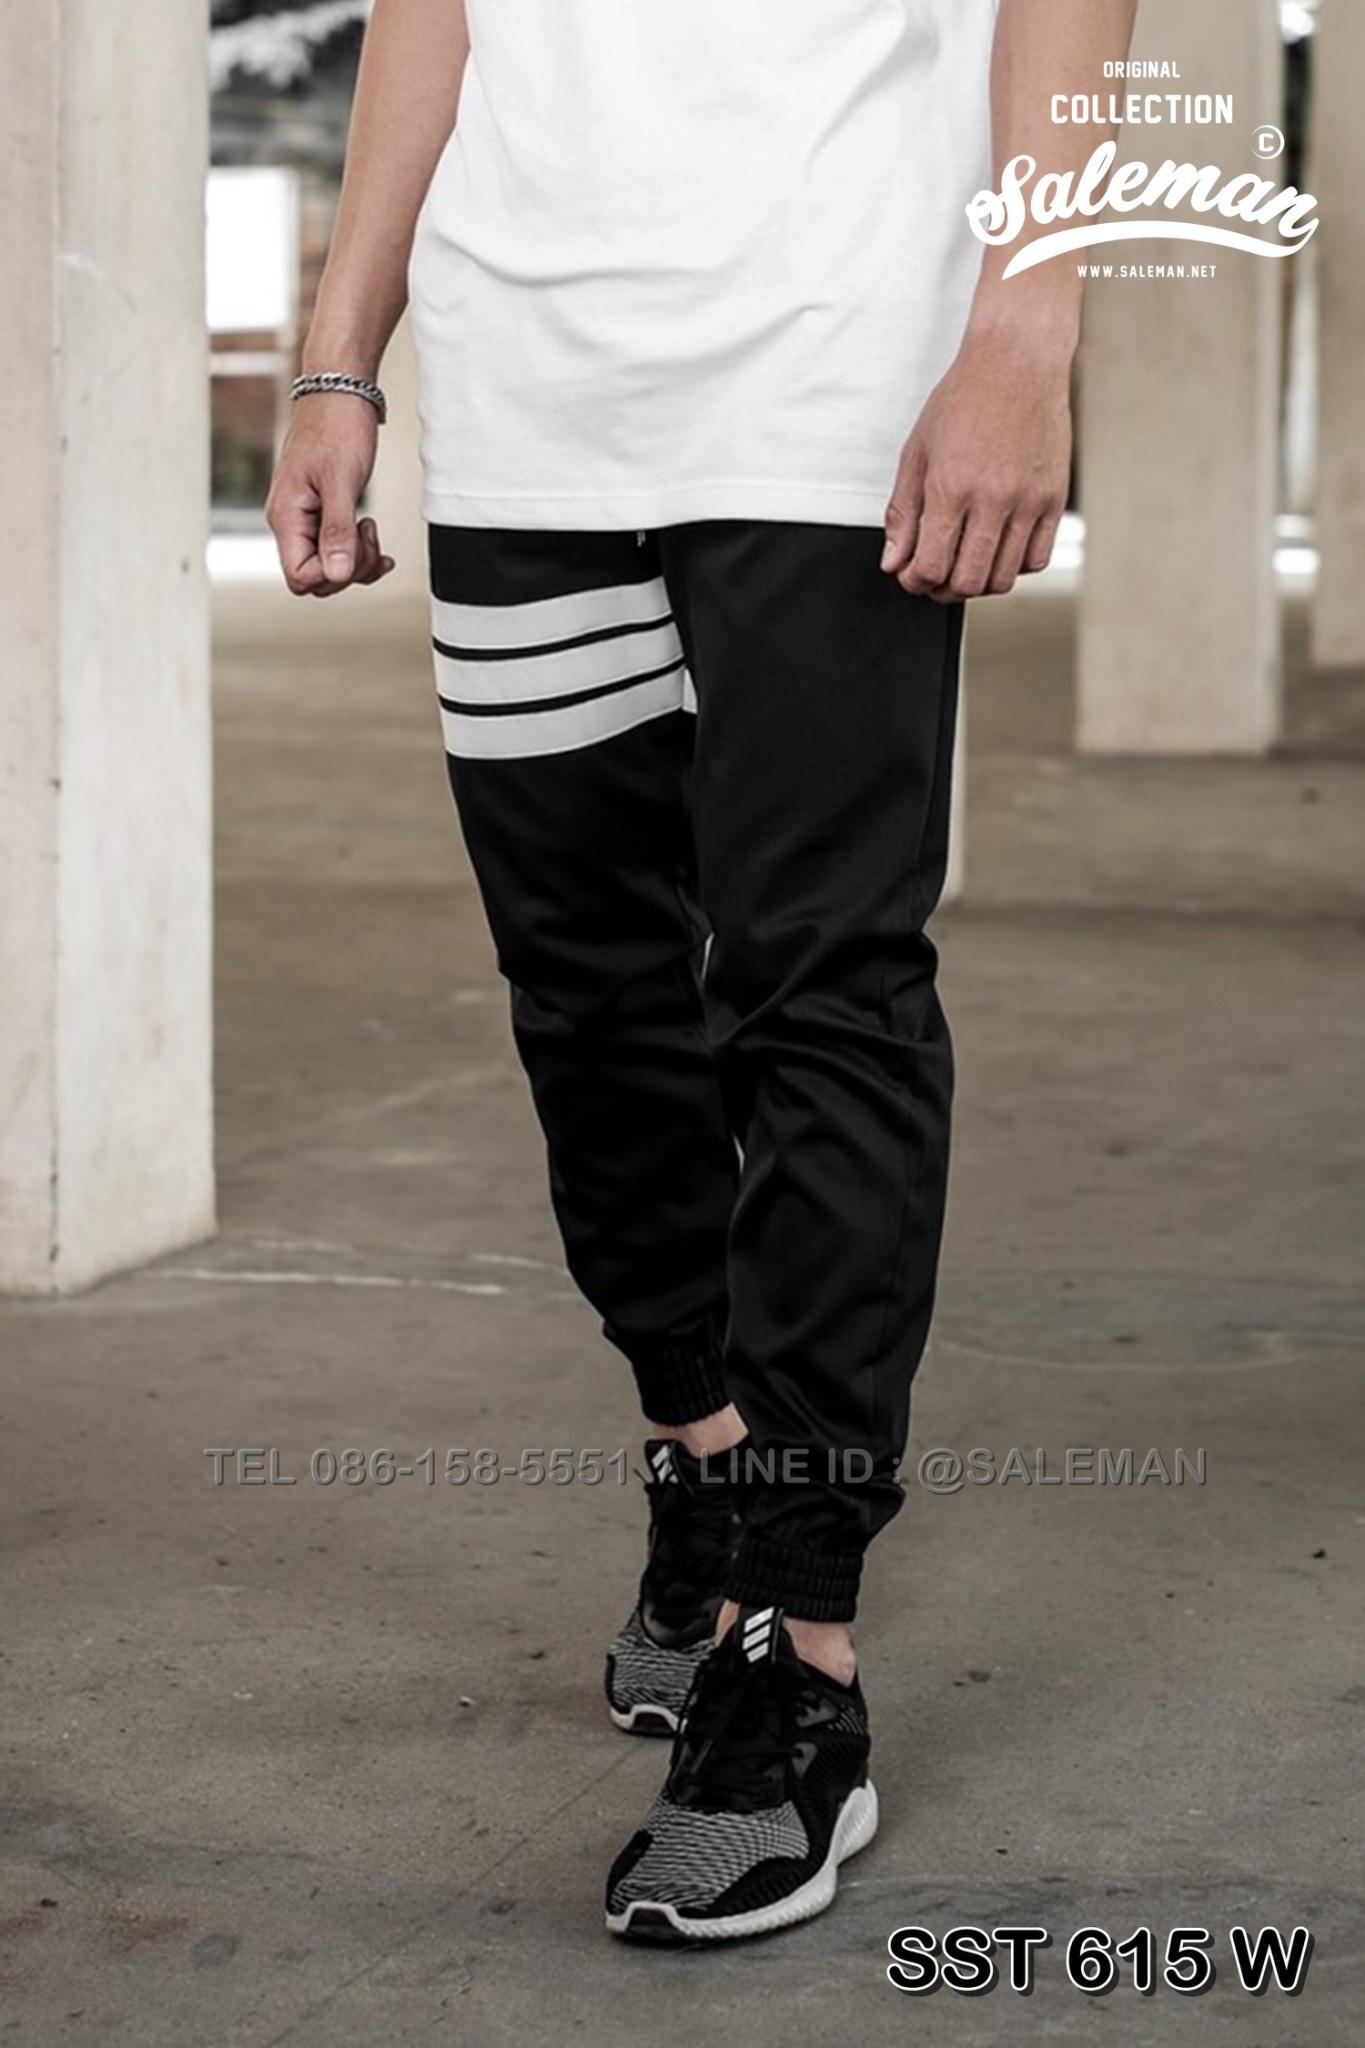 กางเกง JOGGER พรีเมี่ยม ผ้า COTTON รหัส SST 615 W สีดำ แถบขาว